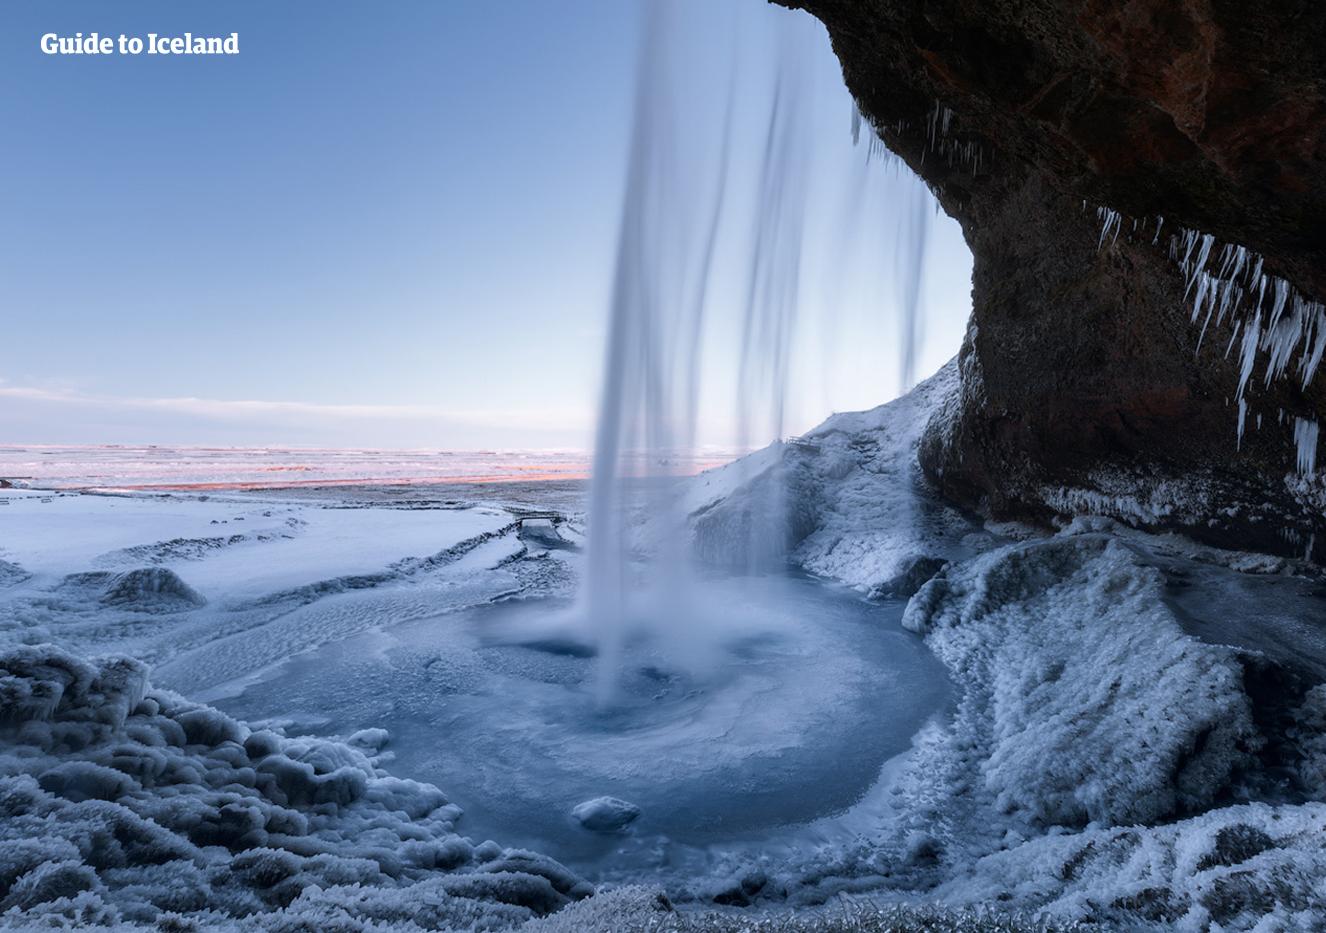 Wenn du im Winter in Island bist, solltest du immer den Himmel im Auge behalten, falls die schüchternen Nordlichter sich zeigen.